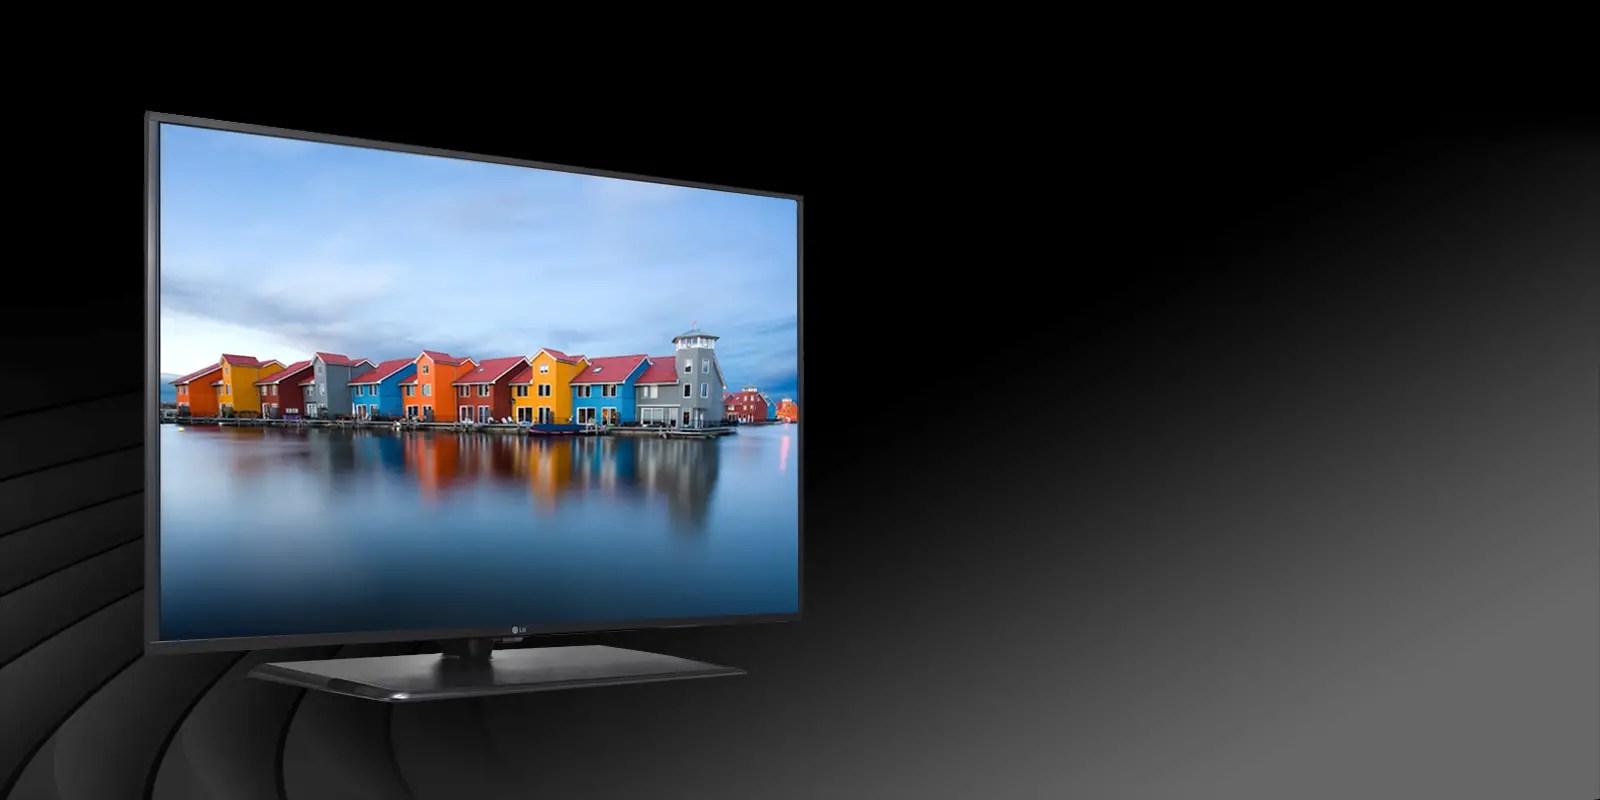 LG 55-Inch 55LF55 1080p LED TV